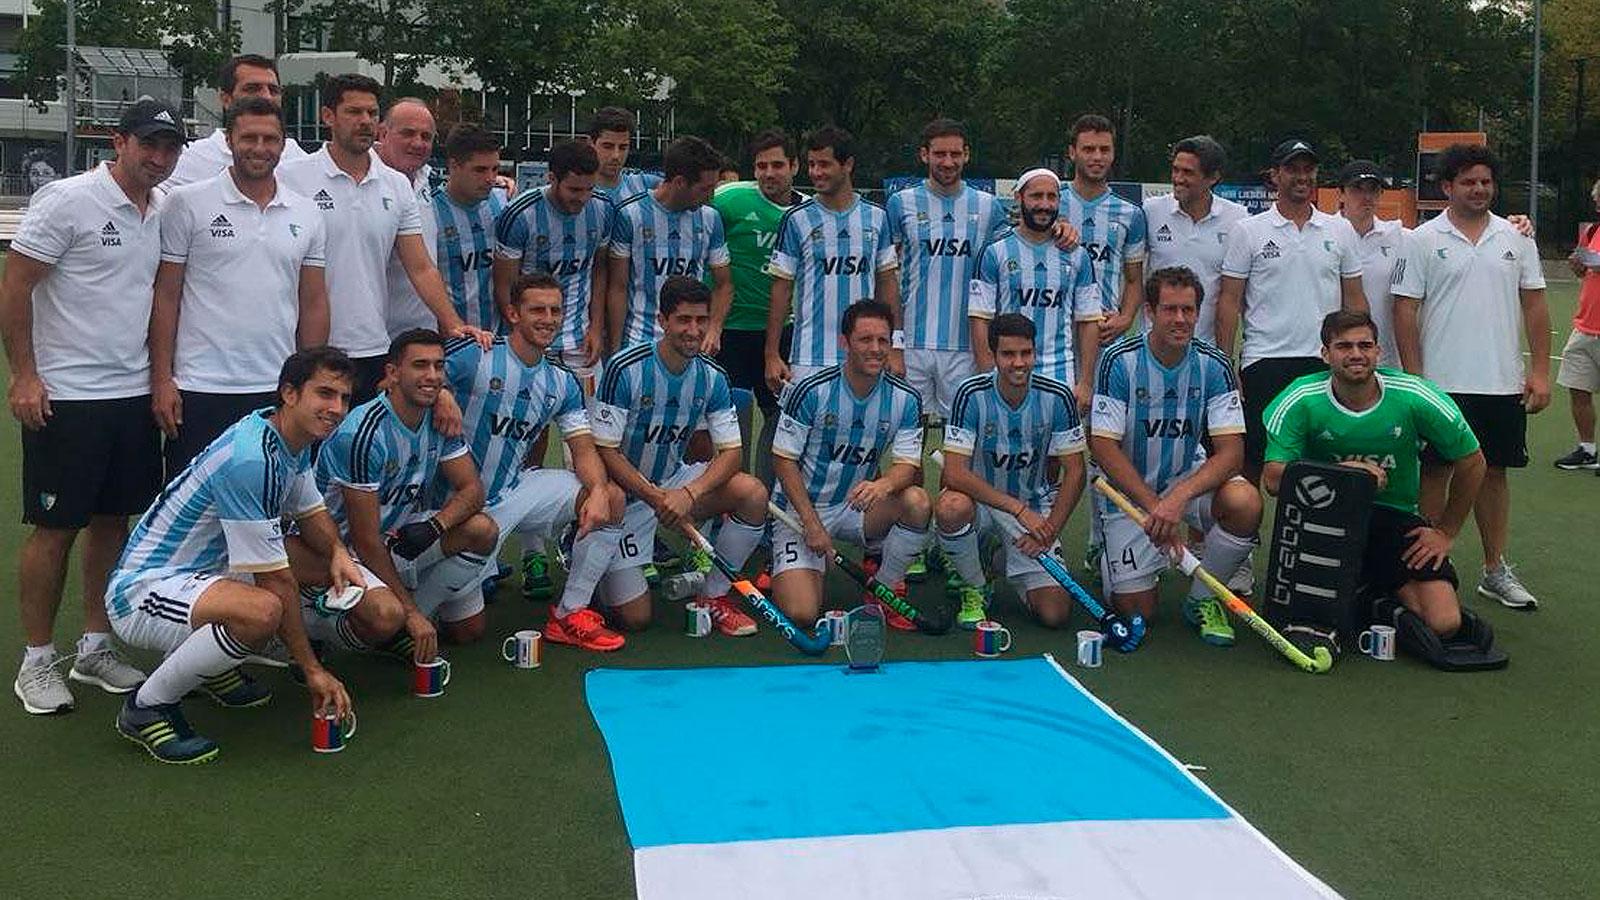 Resultado de imagen para los leones empataron con alemania 3-3 en el cuatro naciones 2018